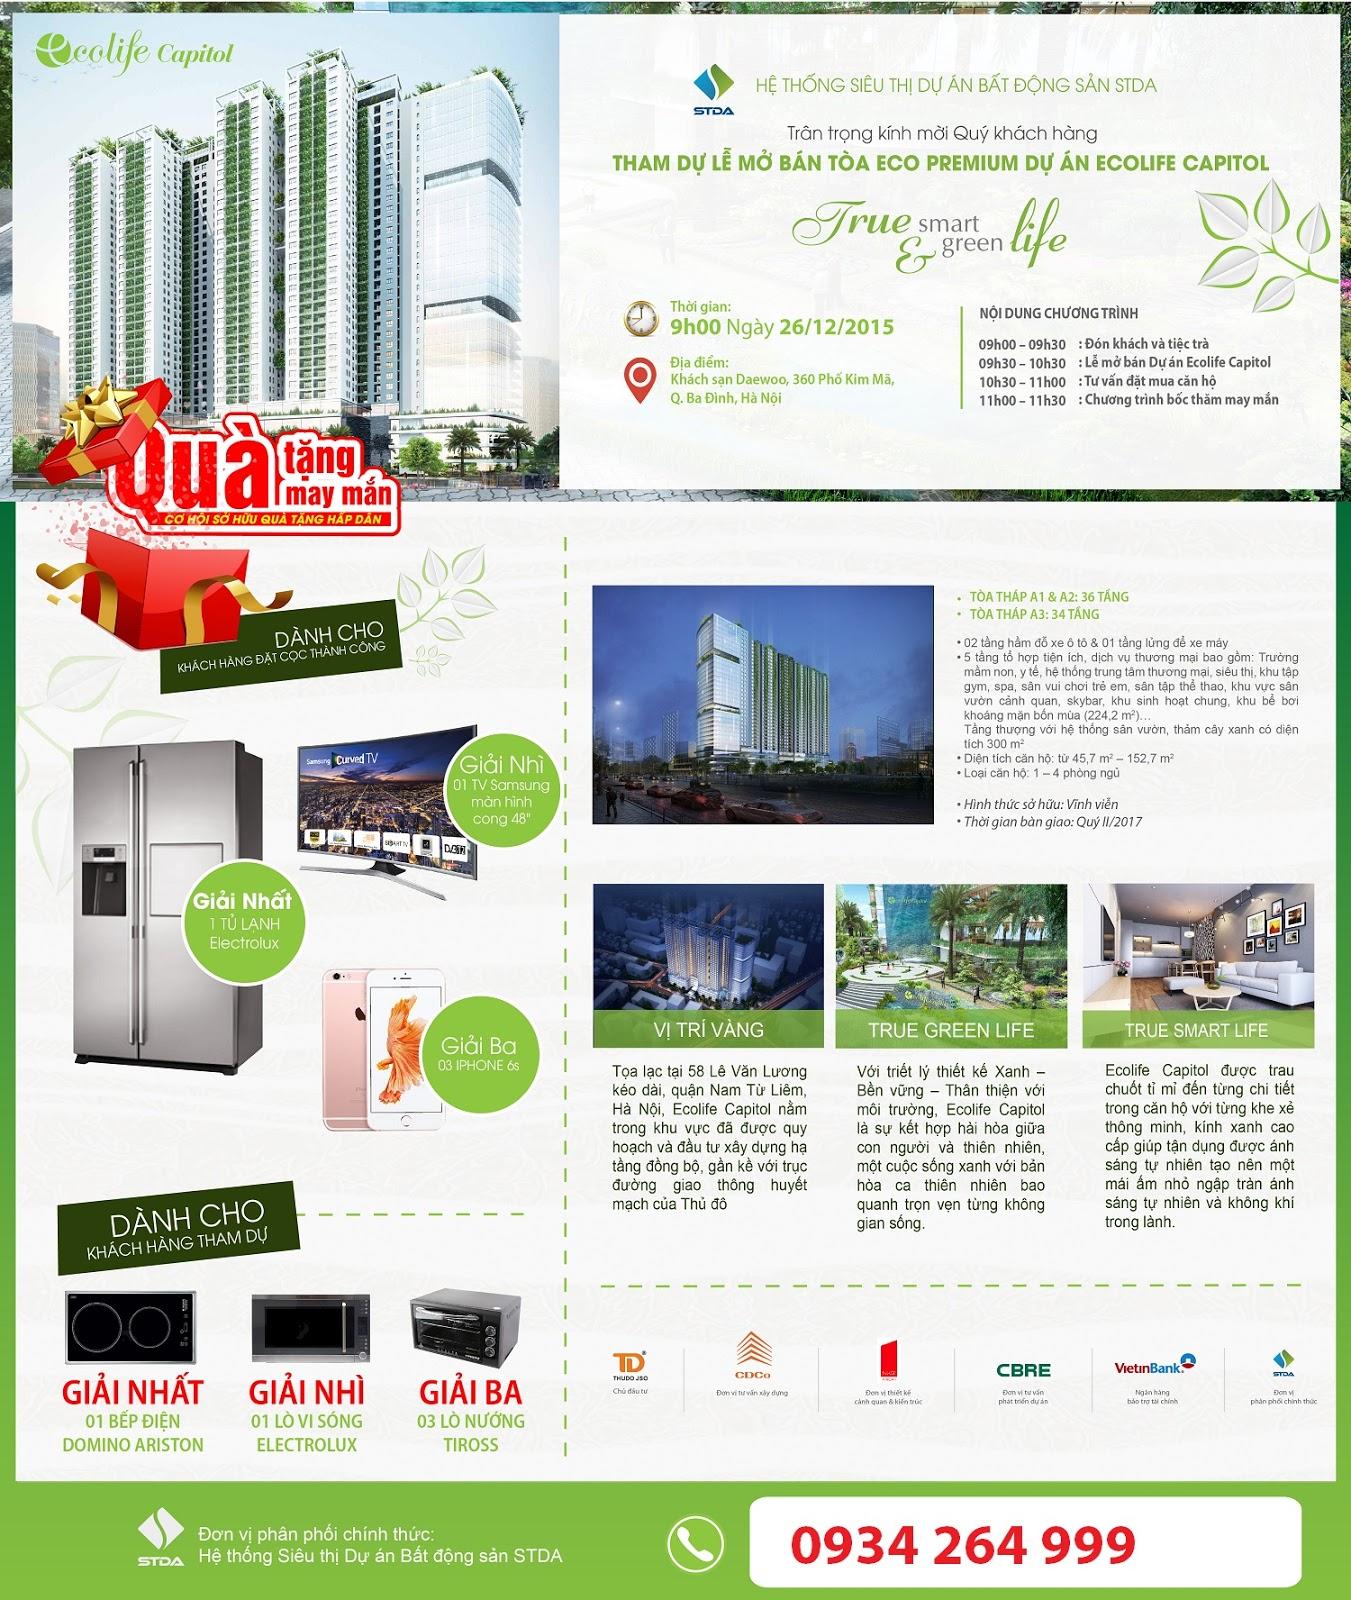 Thư mời dự lễ mở bán căn hộ Eco Premium tòa A2 -Ecolife Capitol